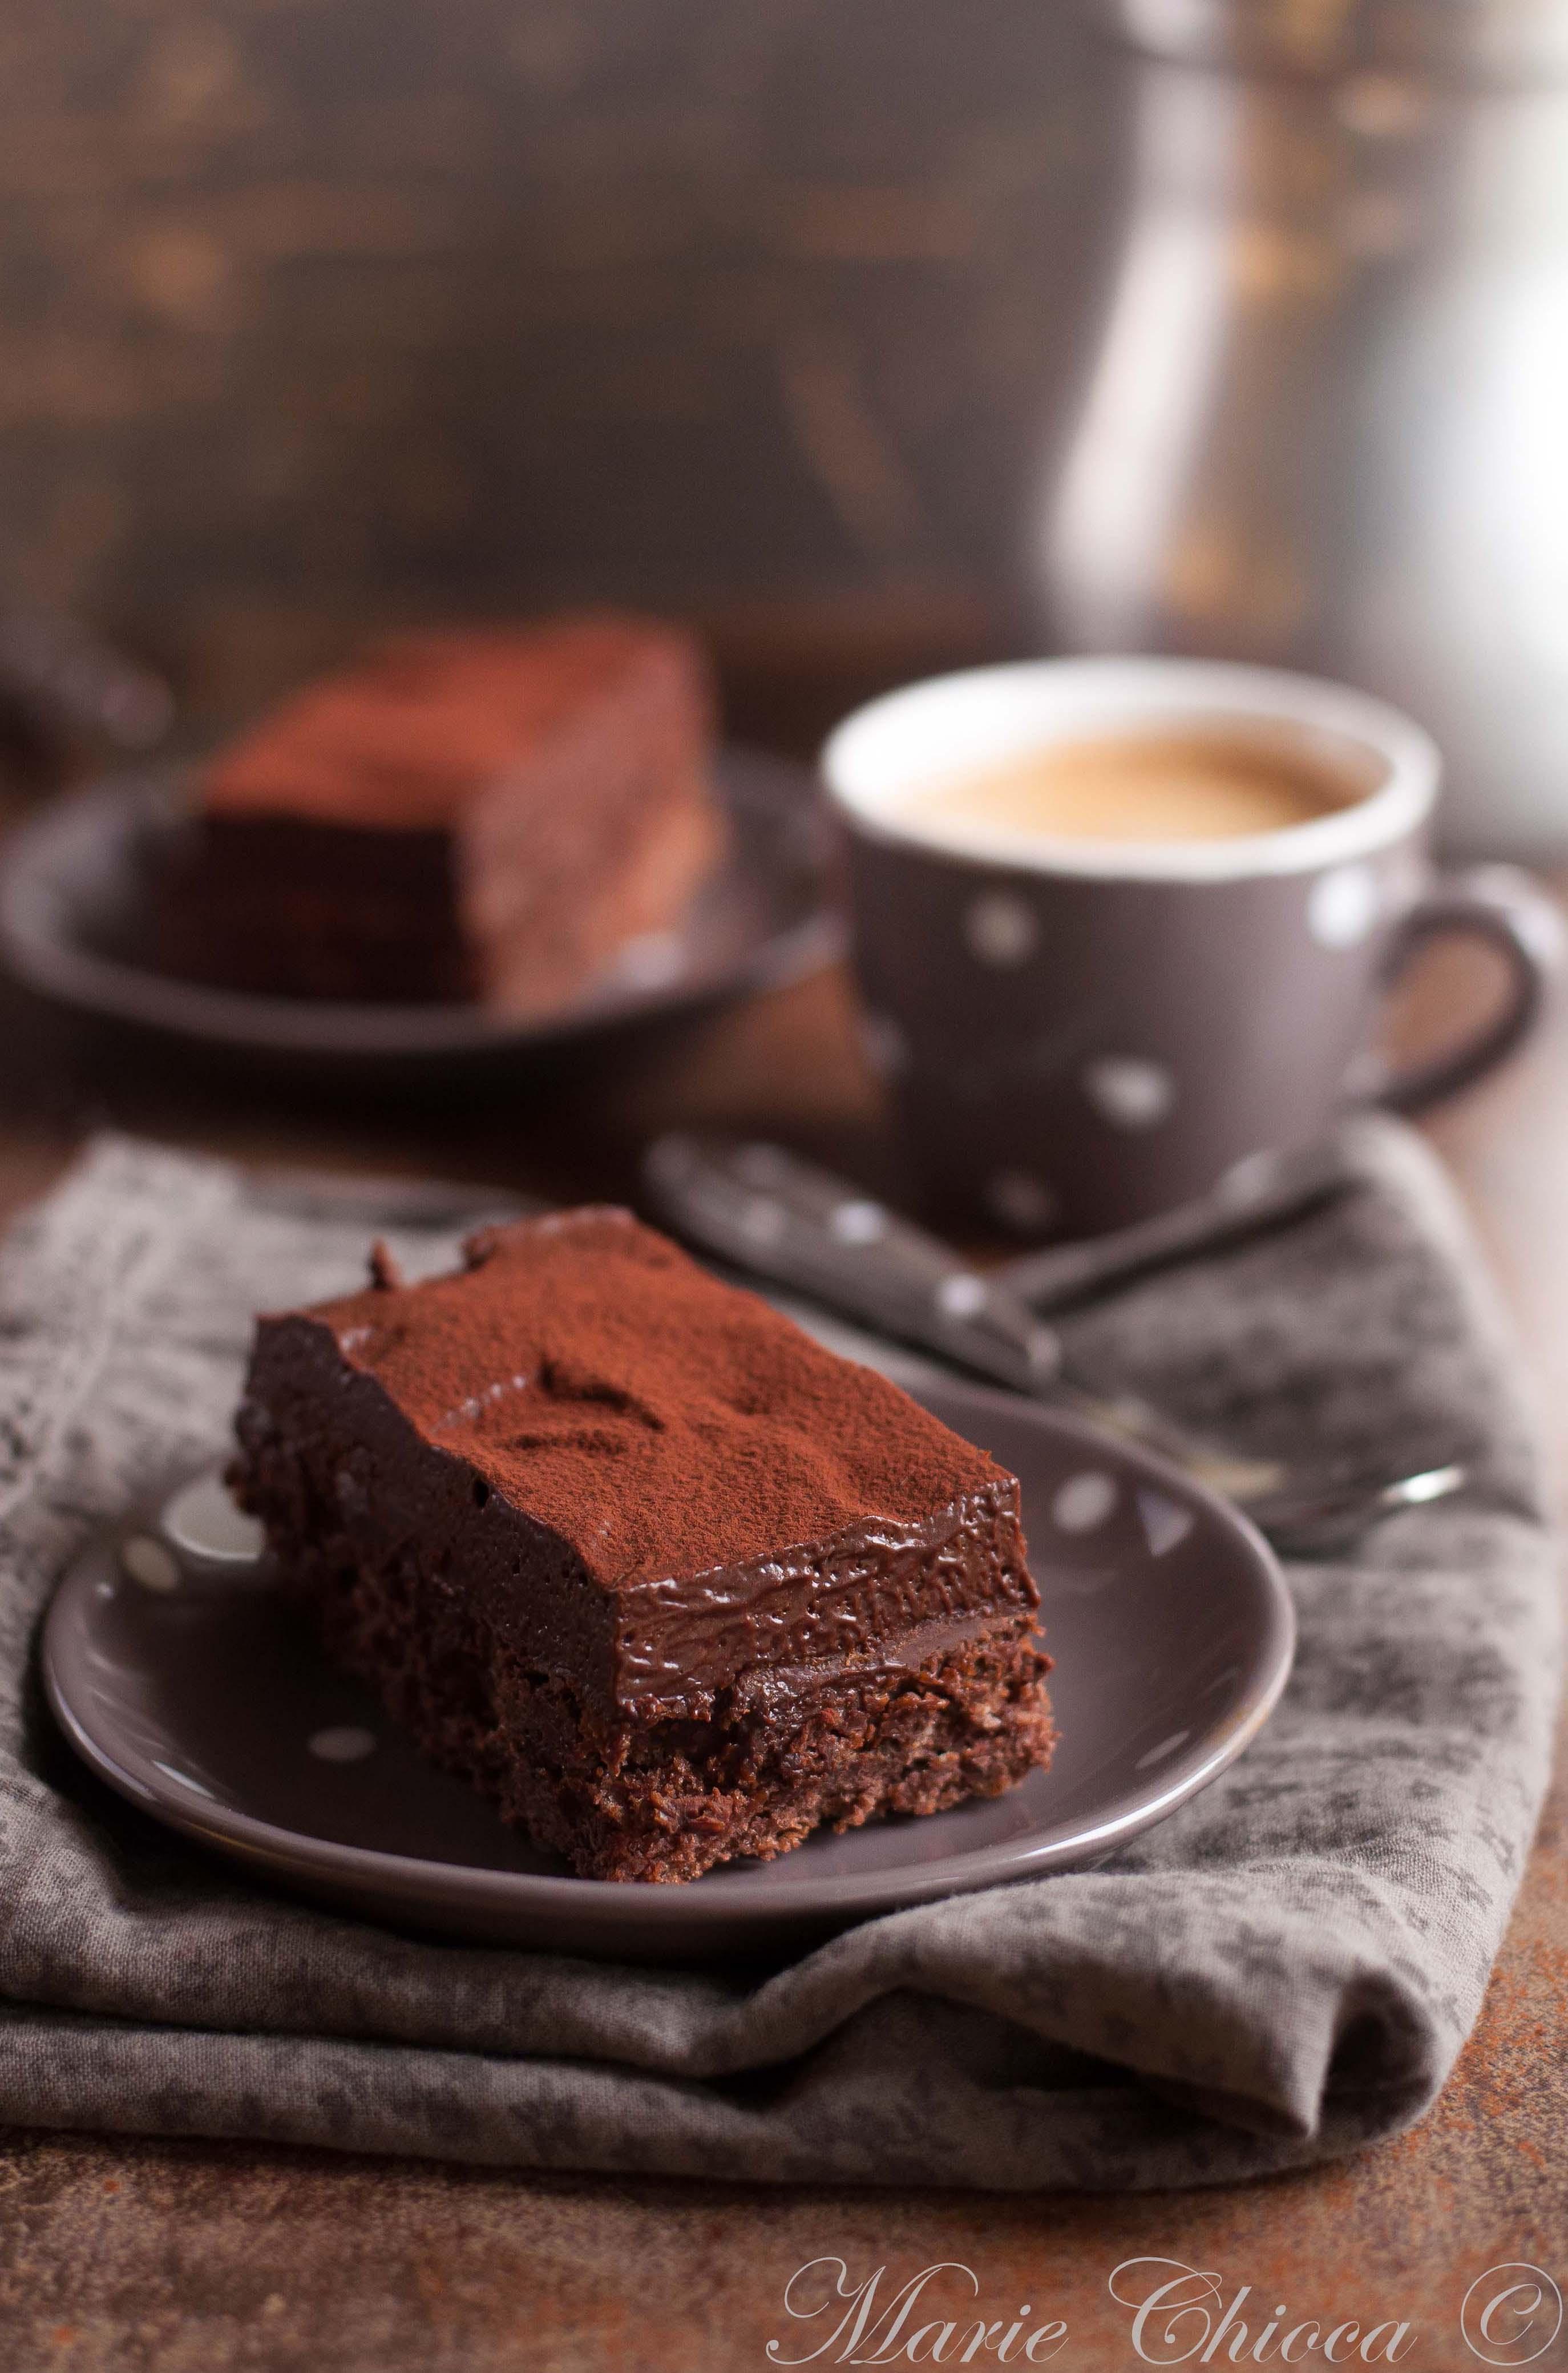 Indice glycémique bas et gourmandise ne sont pas incompatibles, loin s'en faut. Exemple avec le chocolat noir, tout à fait raisonnable à condition de ne pas engloutir la tablette. Mais pour la suite, tout dépend des autres ingrédients entrant en jeu dans la recette ! Et si ce gâteau au chocolat vous tente terriblement, pas de panique, vous êtes sur le bon blog 😉